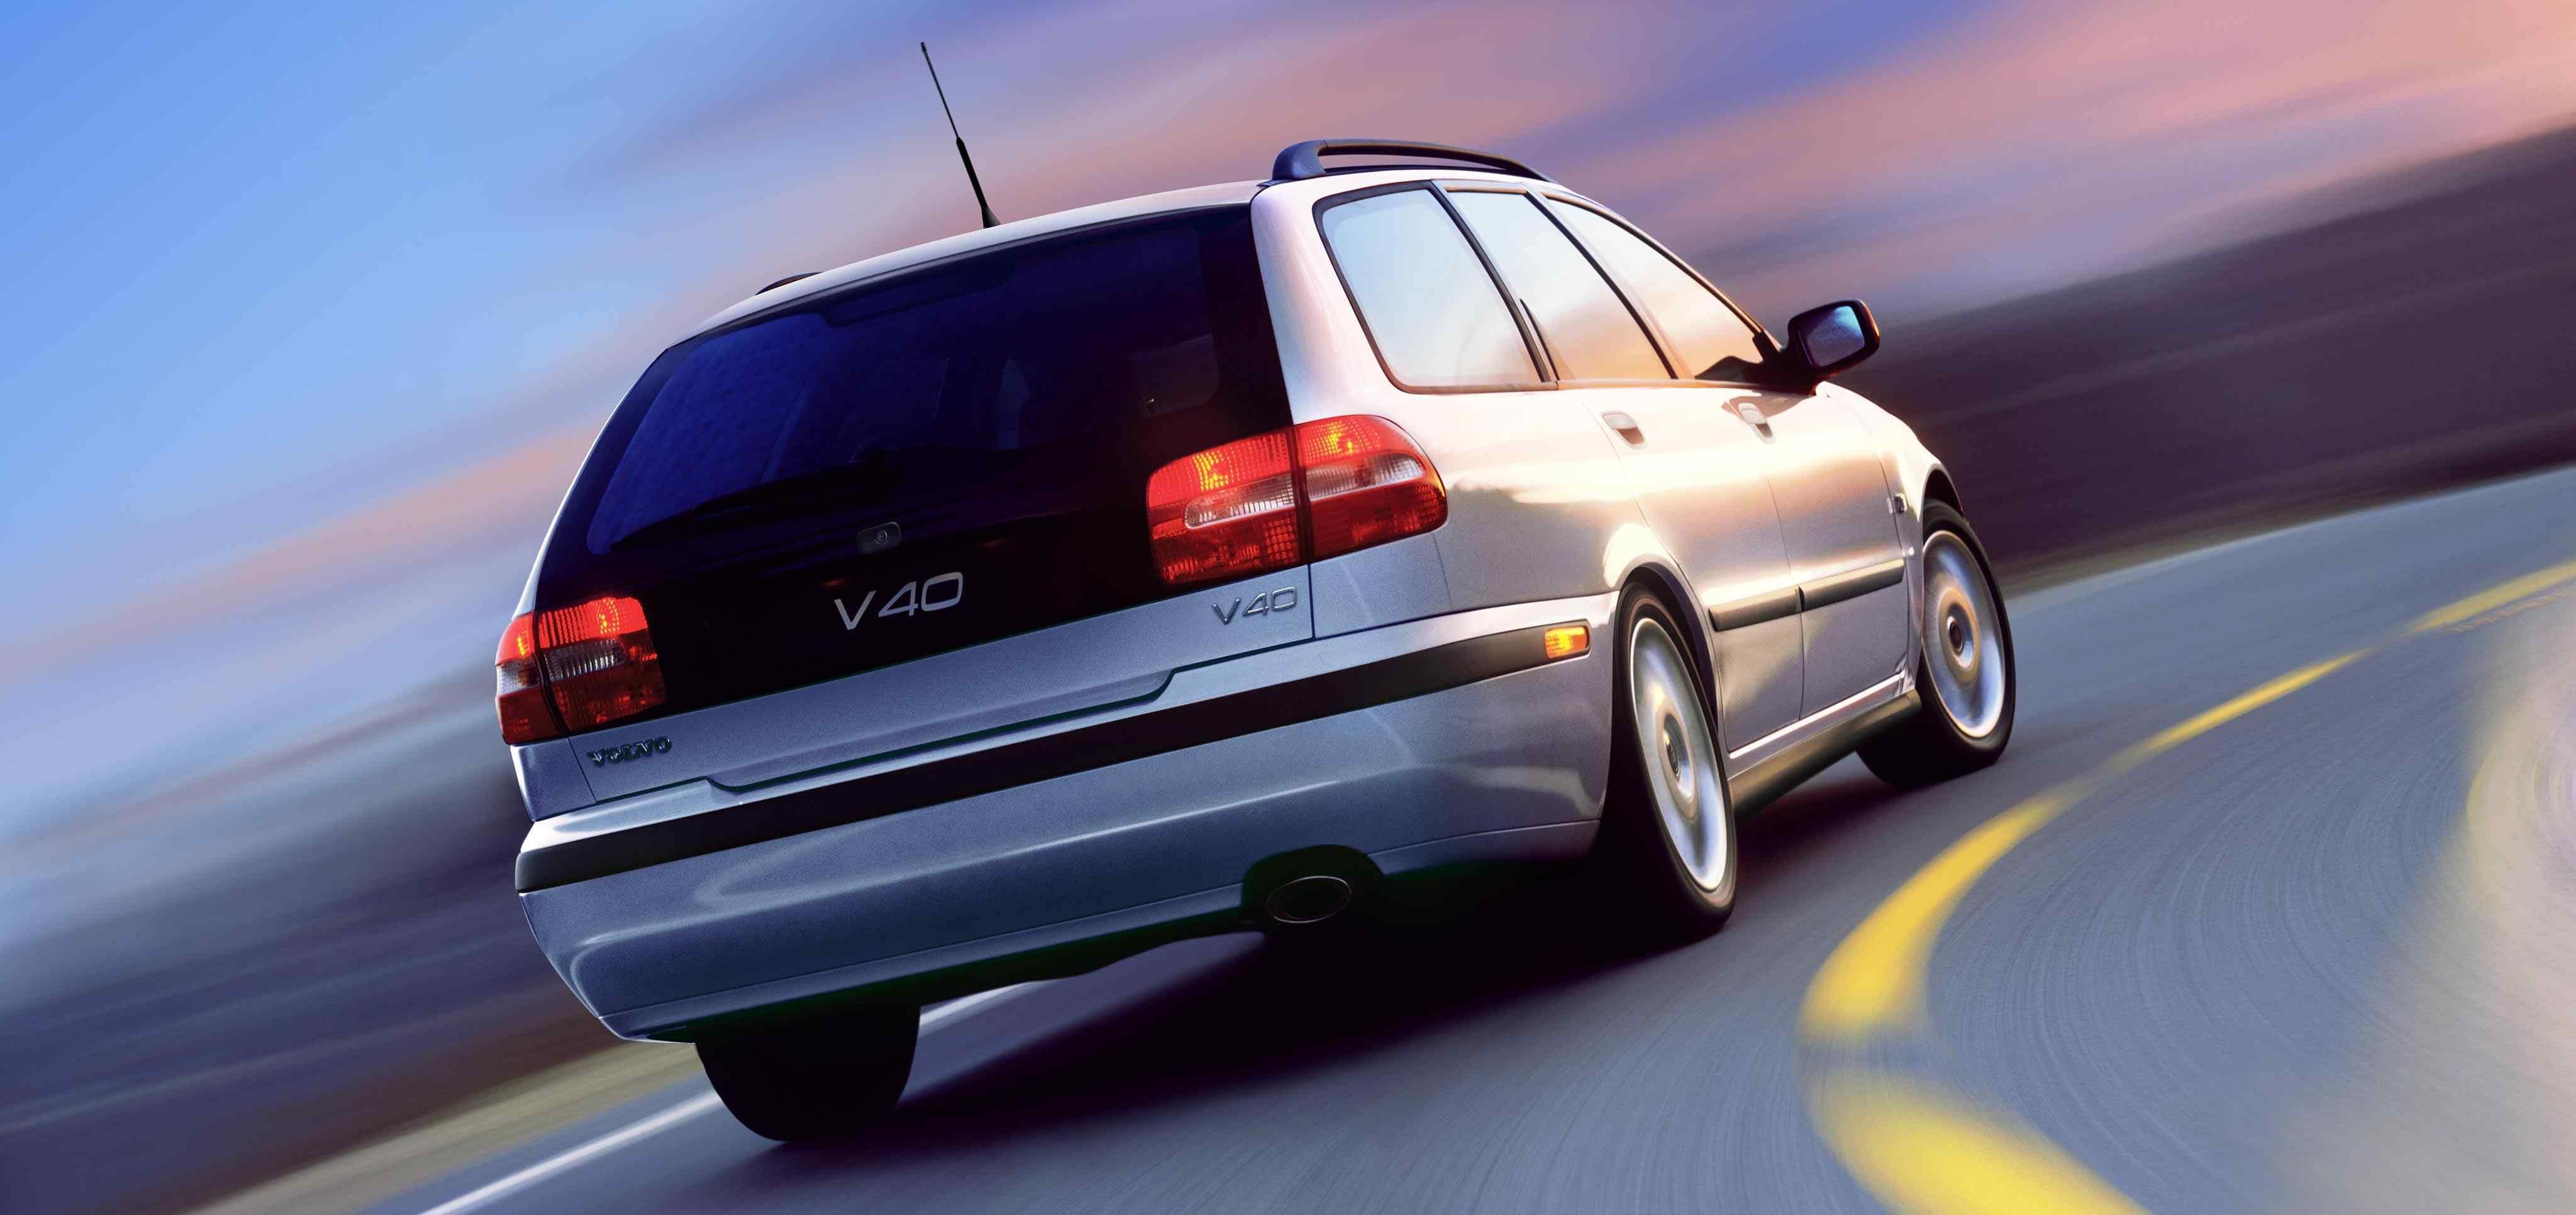 Un volvo V40 primera generación de color plata junto a una carretera en curva visto por detrás